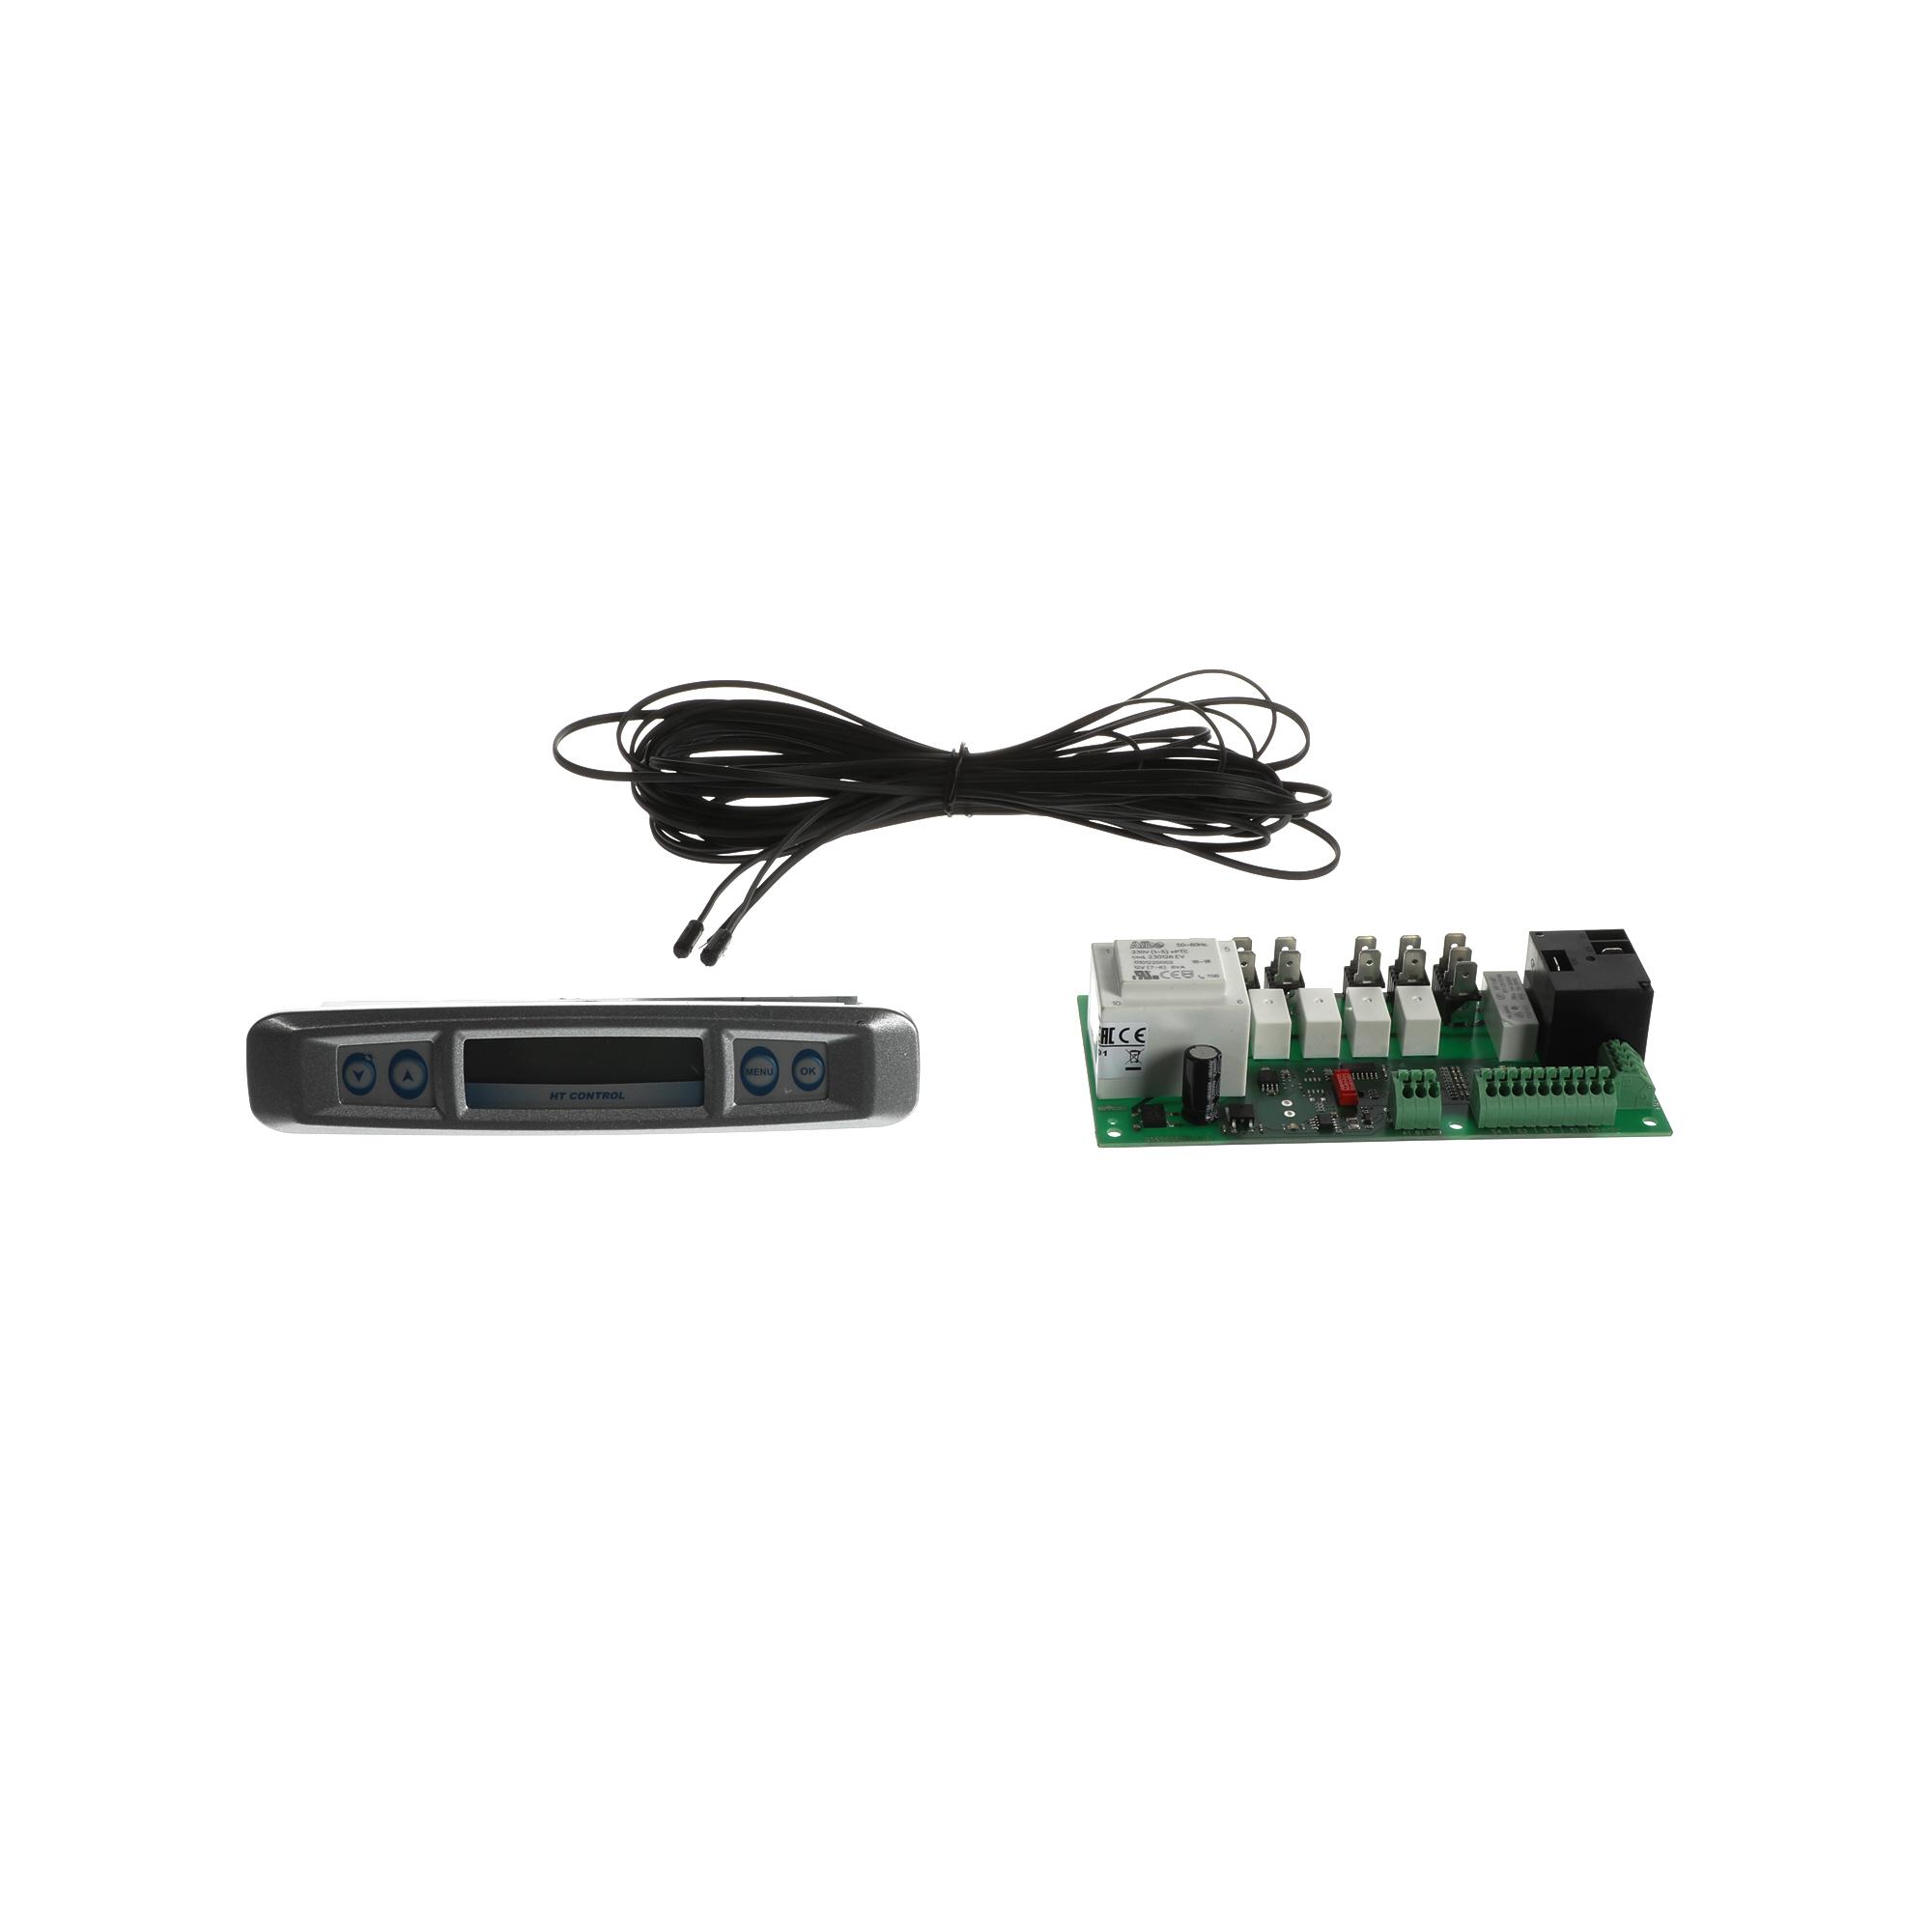 CONTROLLER RP20700